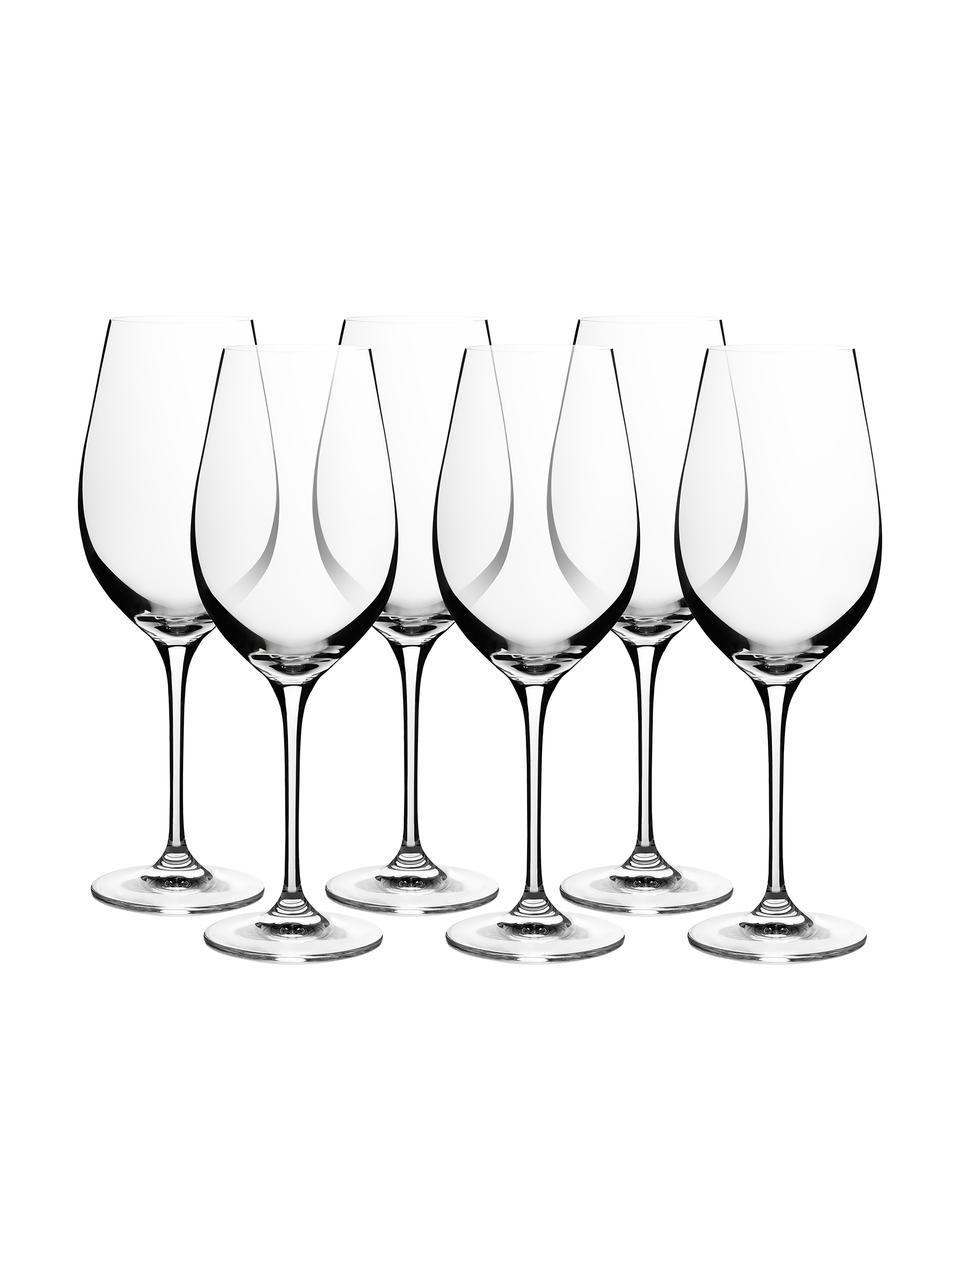 Kristallen rode wijnglazen Harmony, 6 stuks, Edele glans - het kristalglas breekt het licht en dit creëert een sprankelend effect, waardoor elk wijnglas als een bijzonder moment kan worden ervaren., Transparant, Ø 8 x H 24 cm